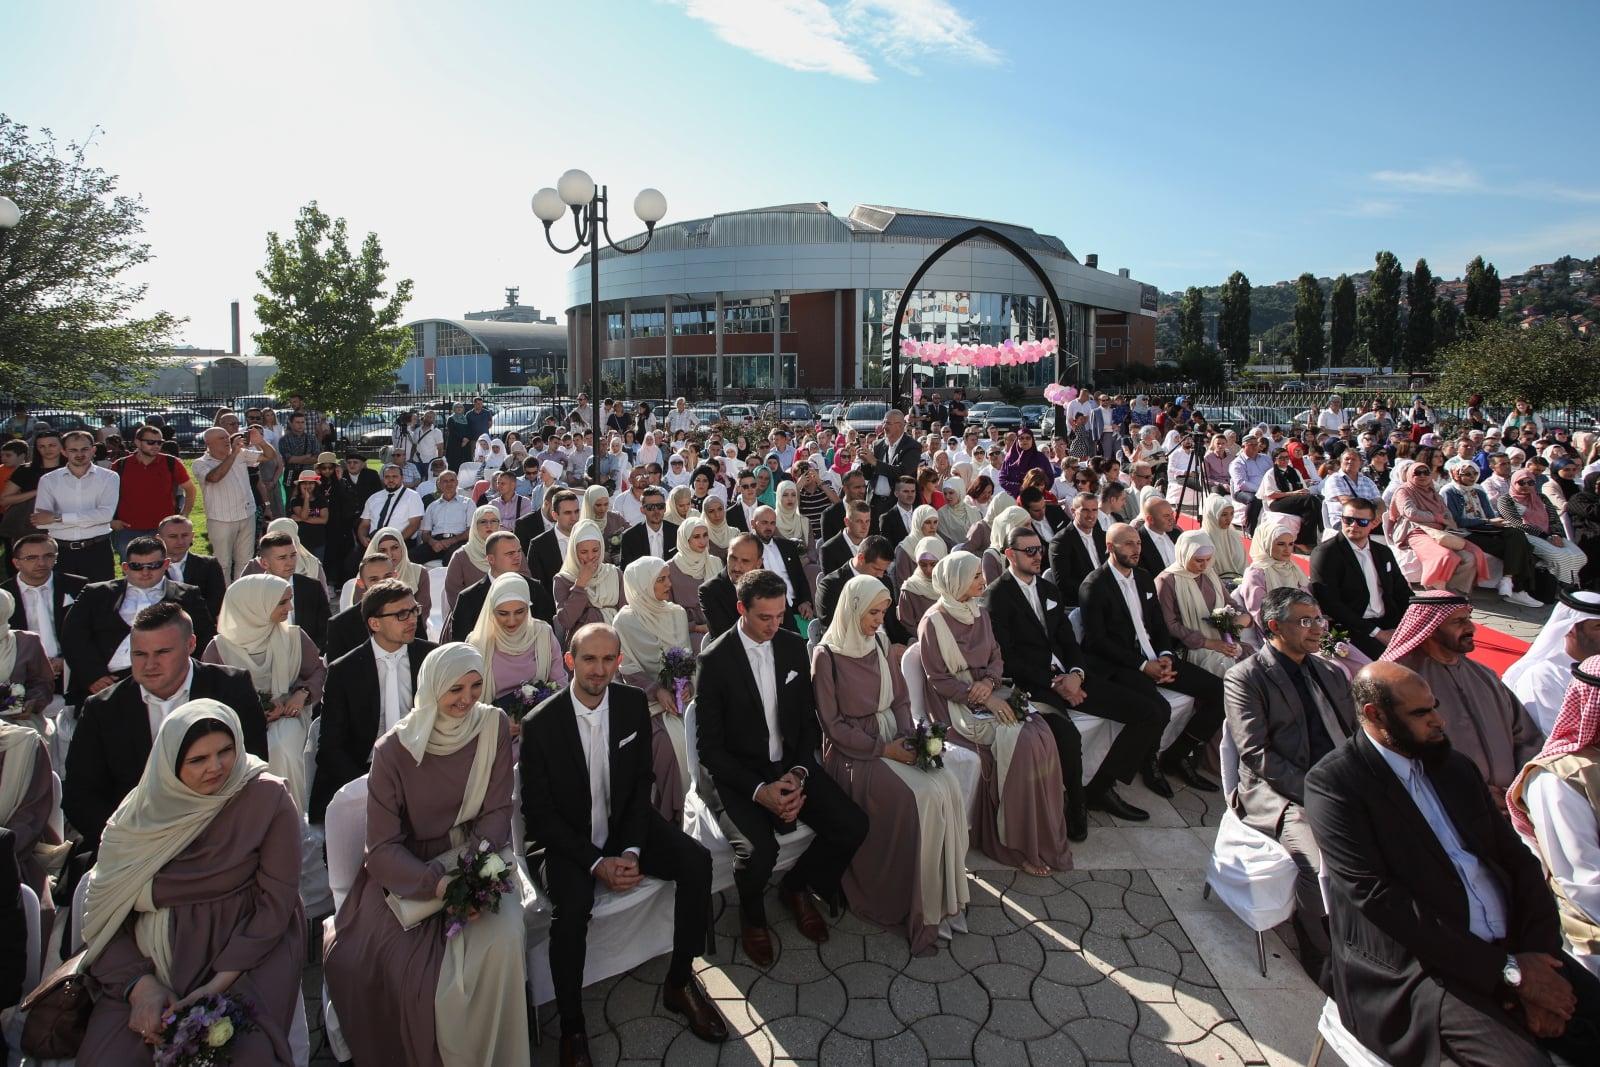 Masowa islamska ceremonia ślubna w Sarajewie, zorganizowana przez organizację charytatywną MFS-EMMAUS i jej partnerów ze Zjednoczonych Emiratów Arabskich w celu zachęcenia i pomocy młodym w małżeństwie, Bośnia i Hercegowina, fot. PA/JASMIN BRUTUS